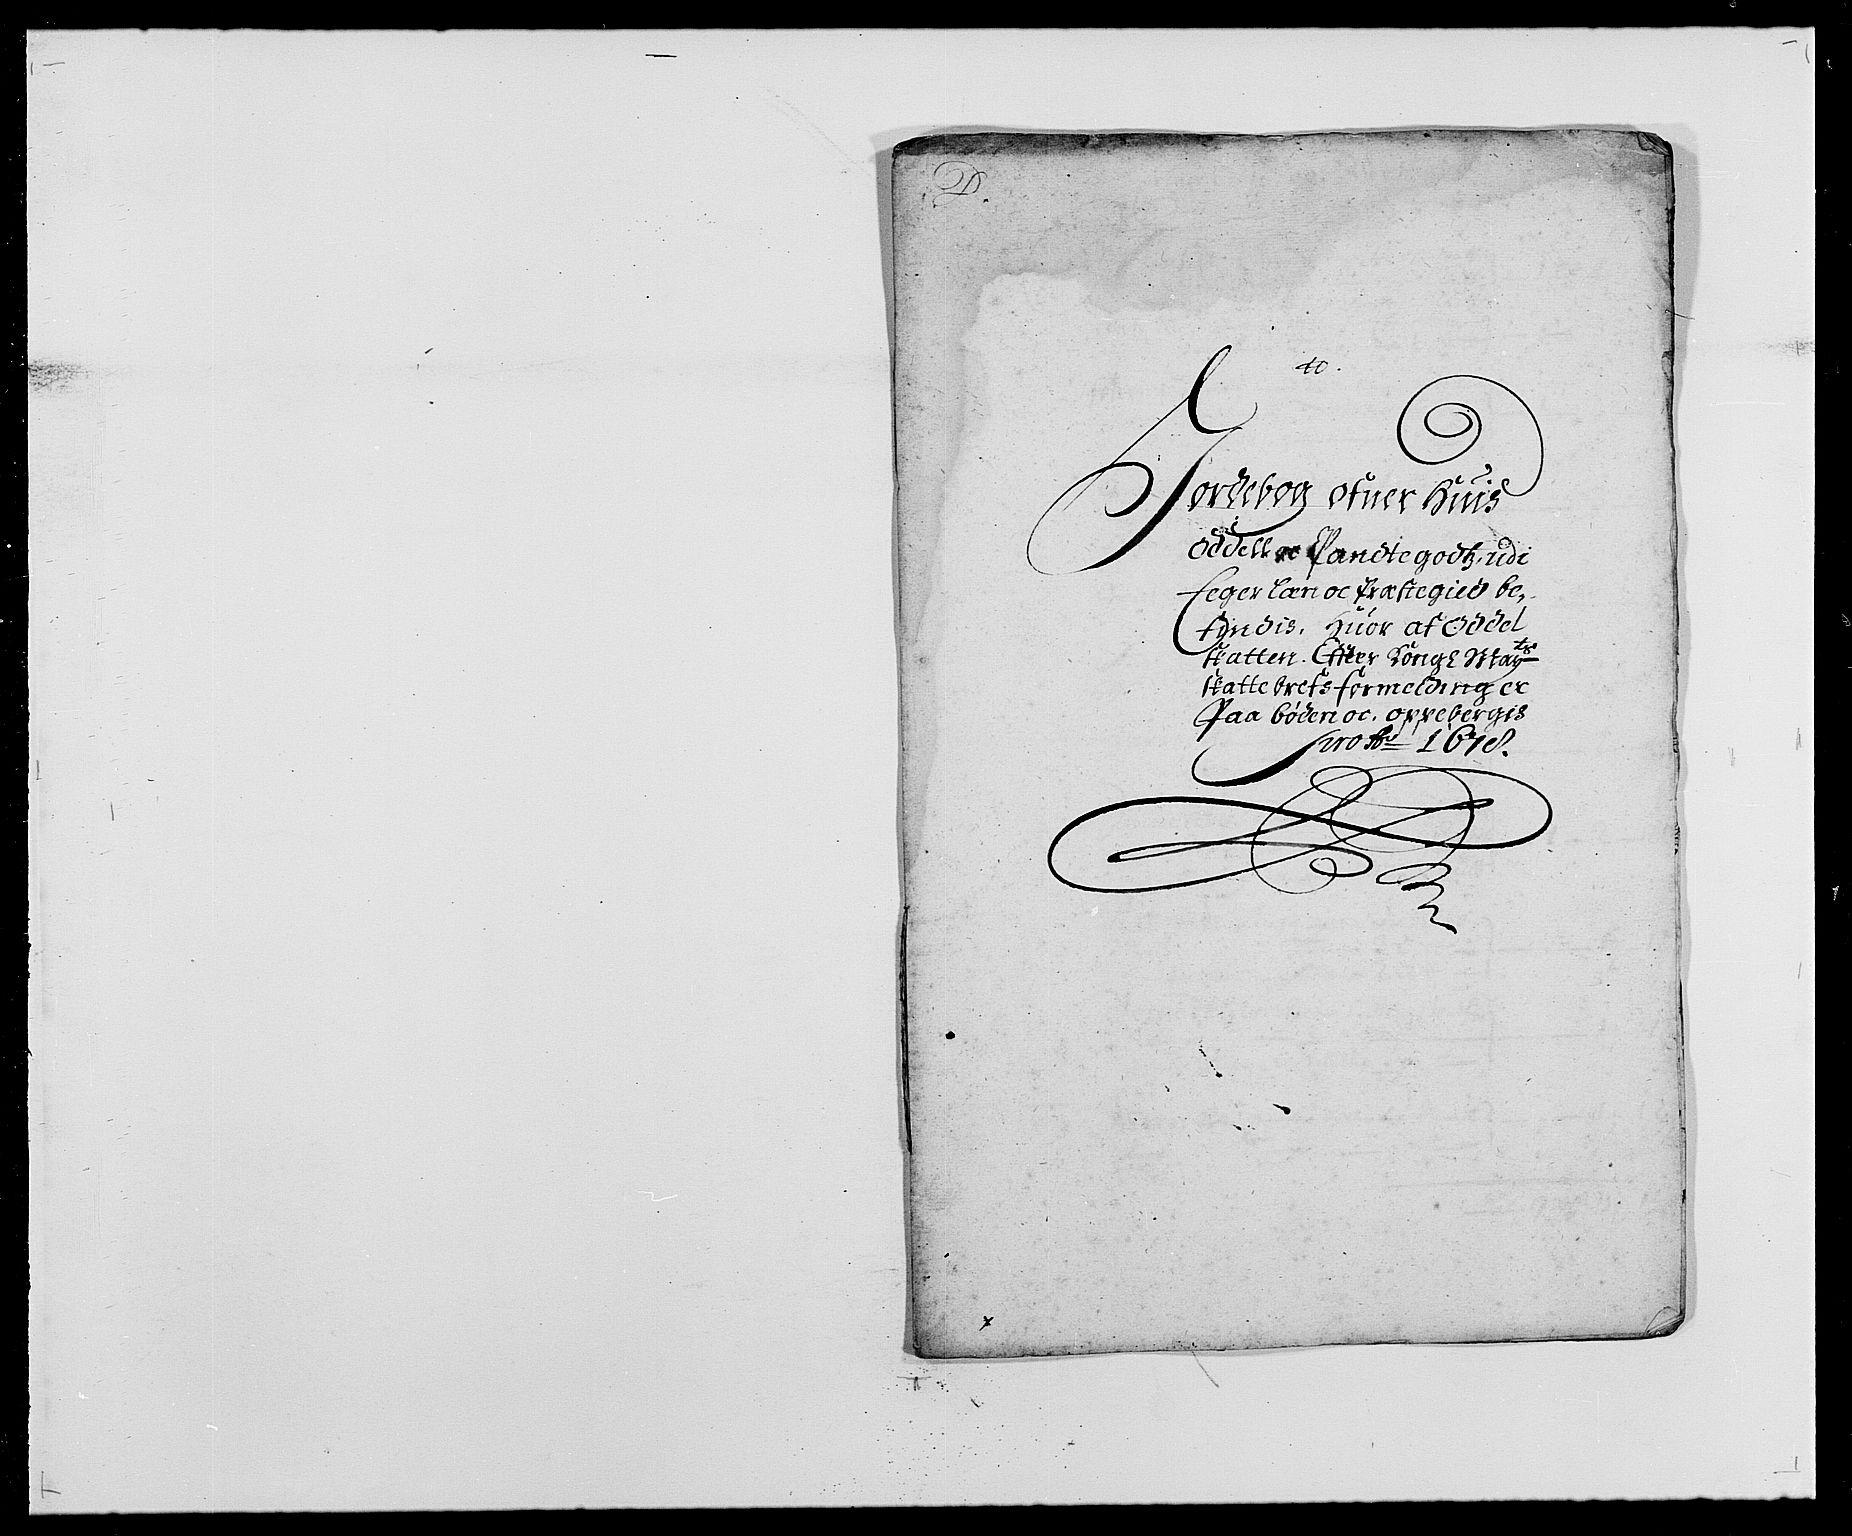 RA, Rentekammeret inntil 1814, Reviderte regnskaper, Fogderegnskap, R26/L1683: Fogderegnskap Eiker, 1678, s. 49